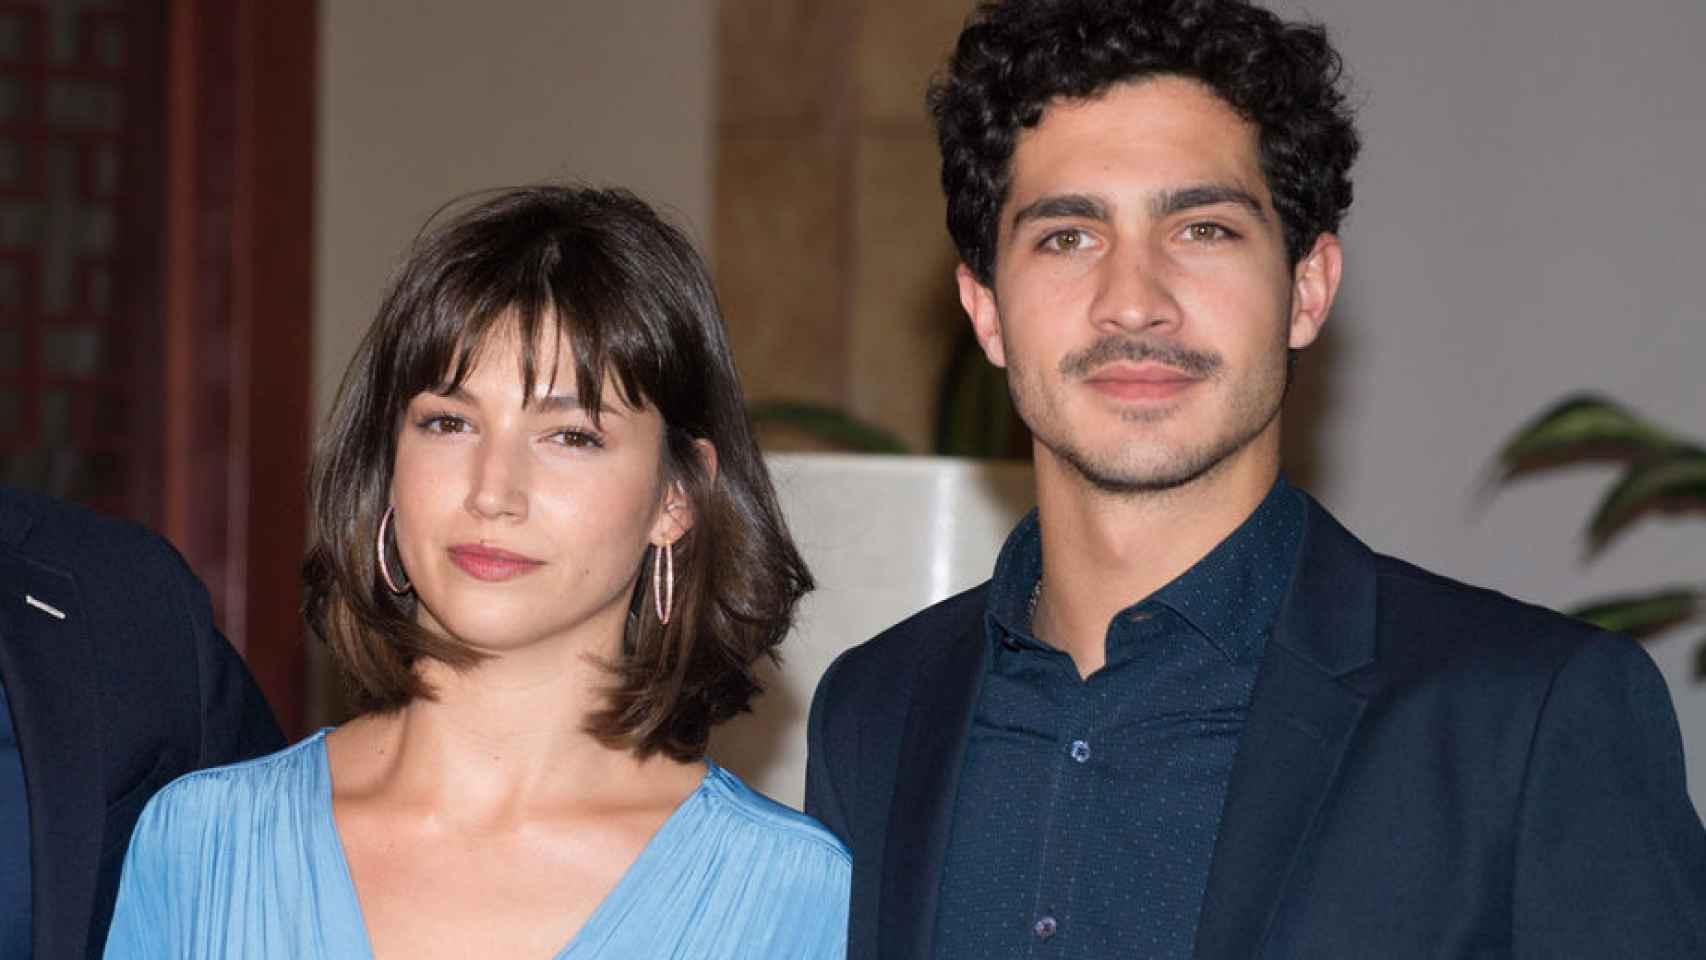 Para Úrsula Corberó y Chino Darín será su primer verano juntos.